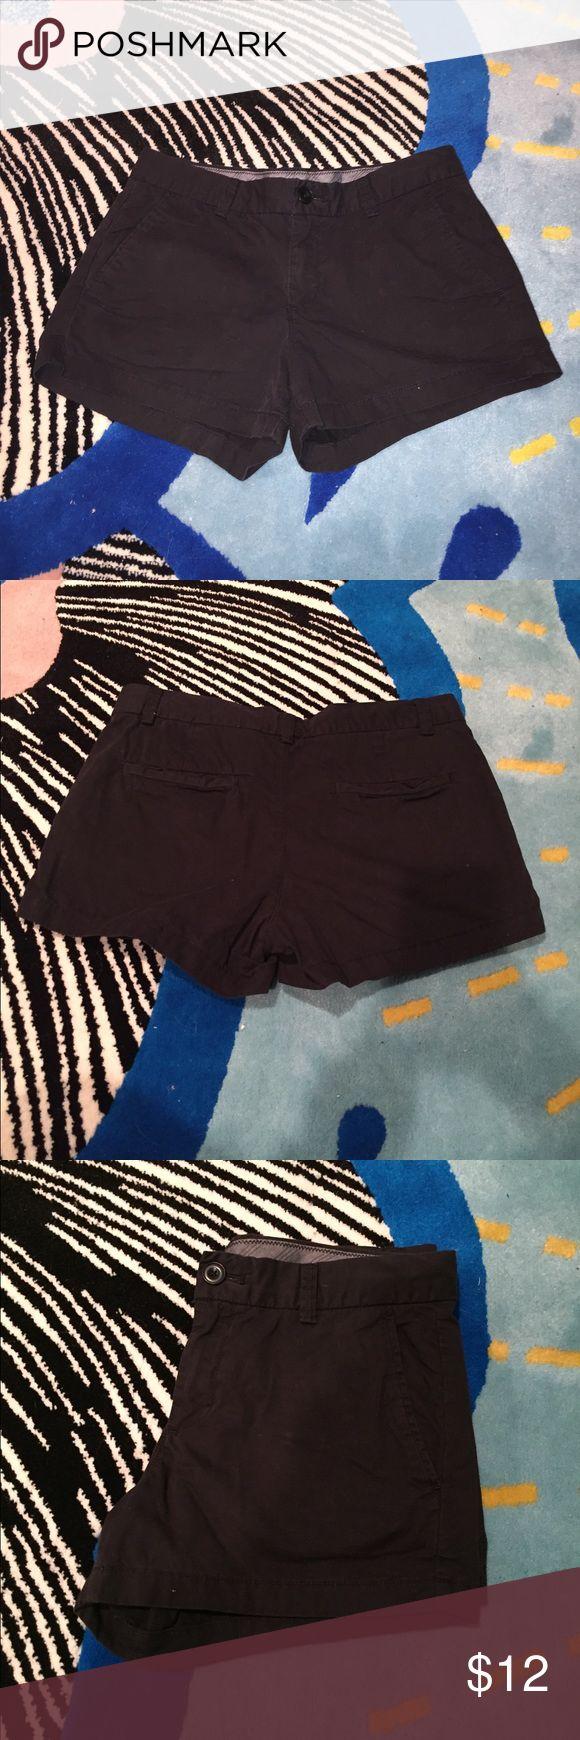 UNIQLO Black Cotton Shorts 100% cotton shorts, in great condition! Size US 6. Uniqlo Shorts